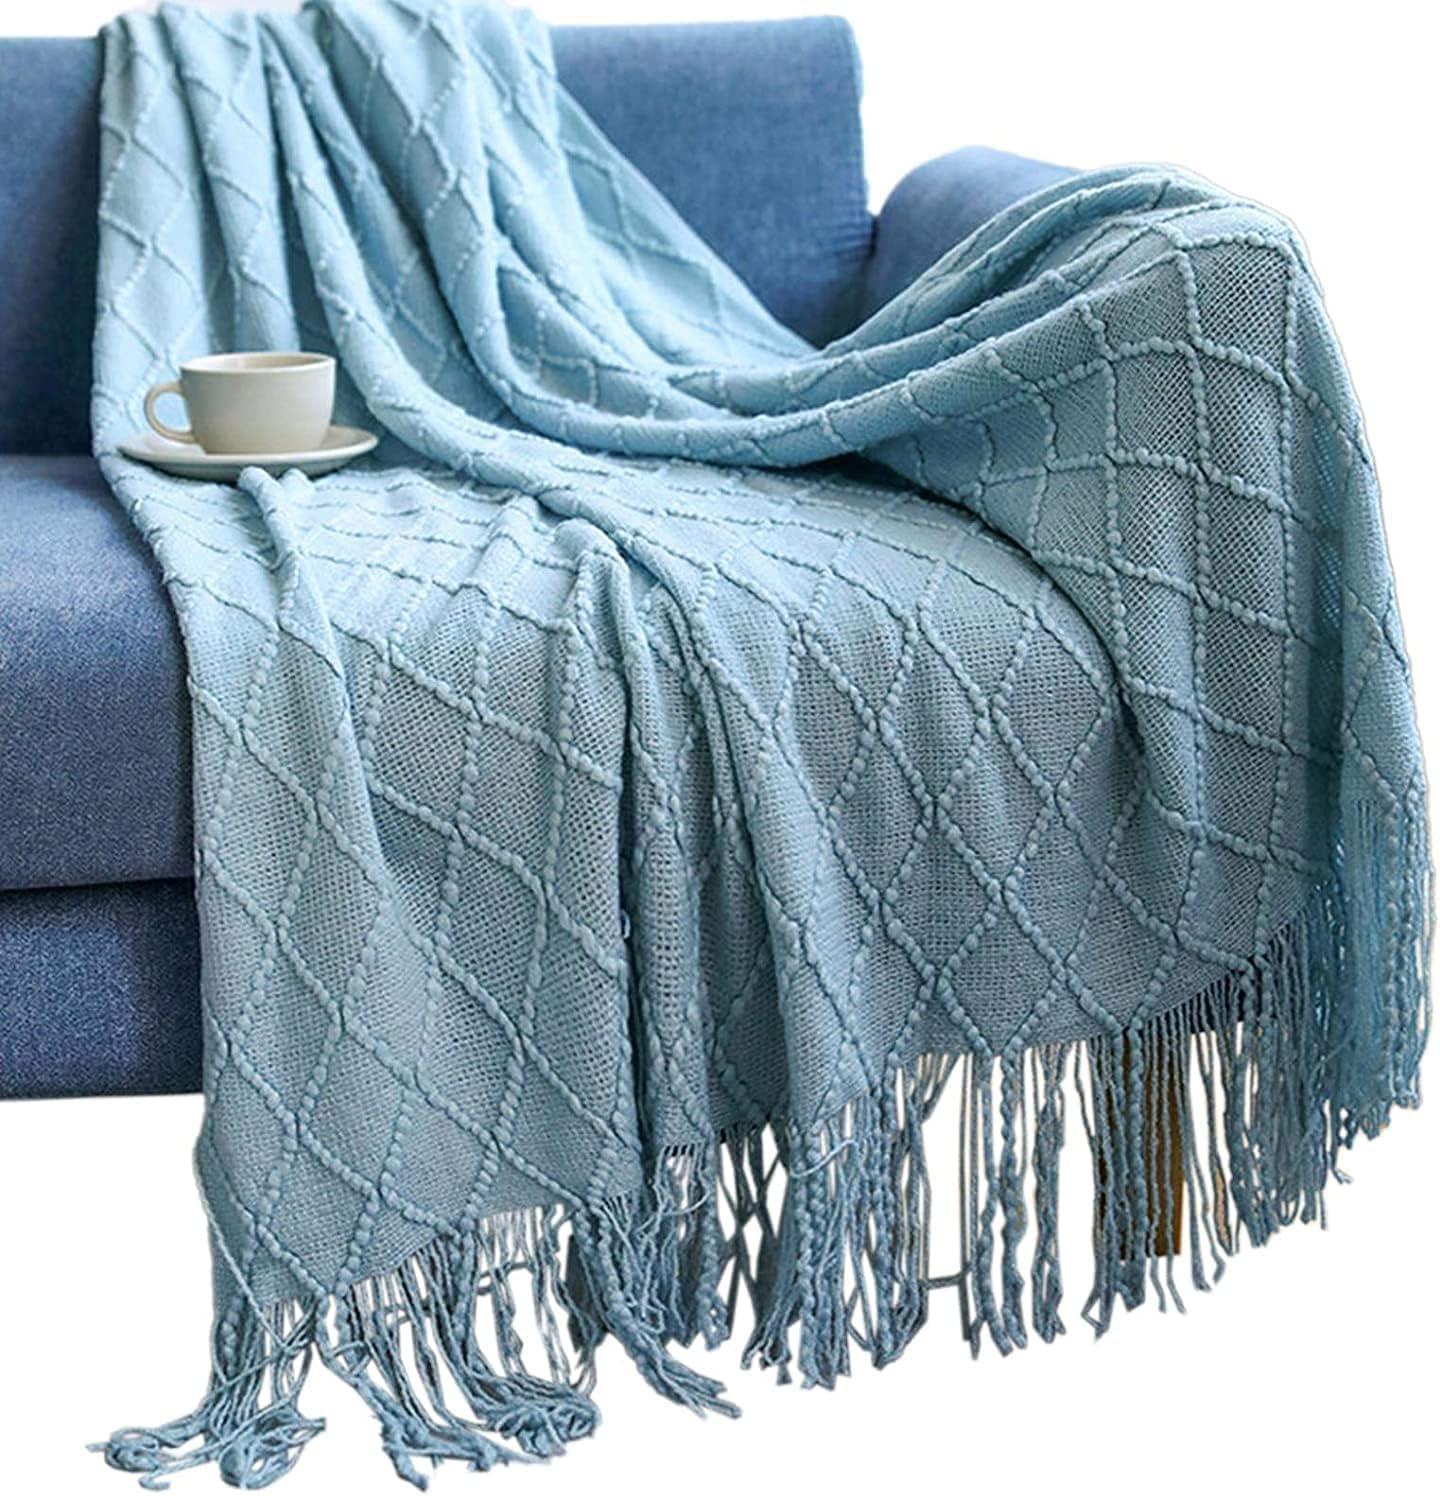 Manta de punto, ligera, suave, fina para sofás, manta decorativa tejida cálida con borlas para sillones y camas (azul claro, 130 x 200 + 10 cm)